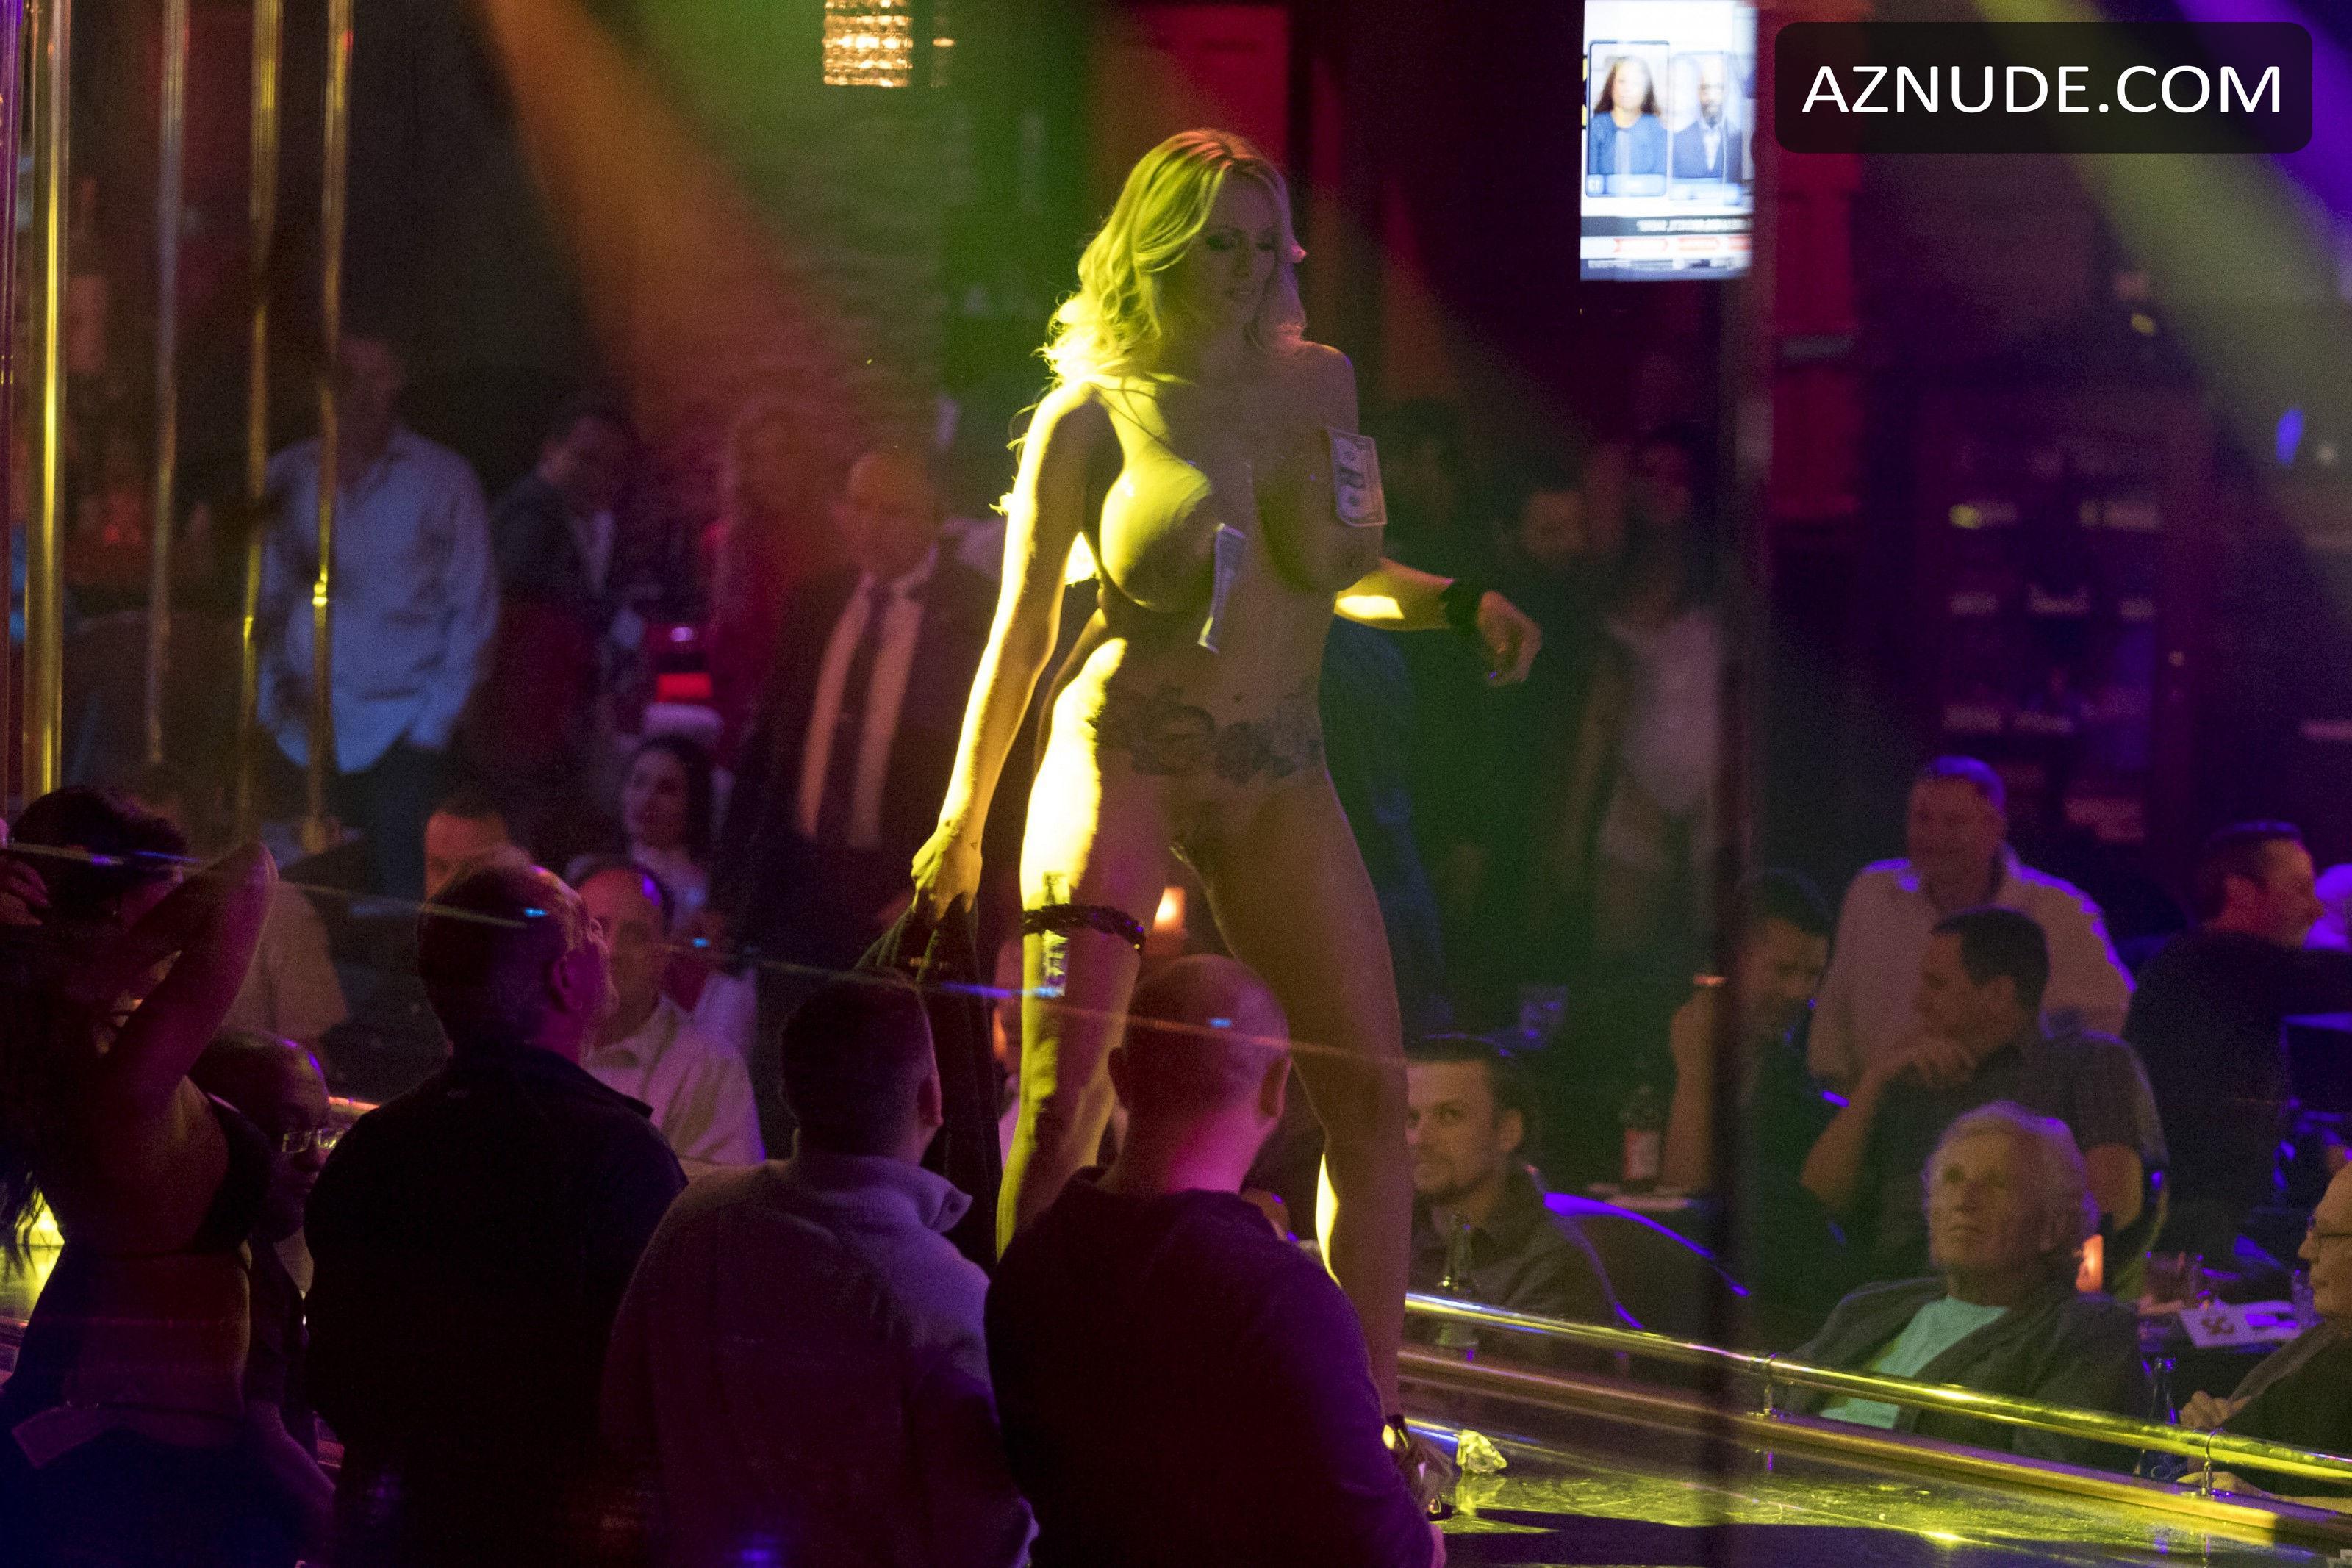 Celeb Nude Strip Clubs In Florida HD